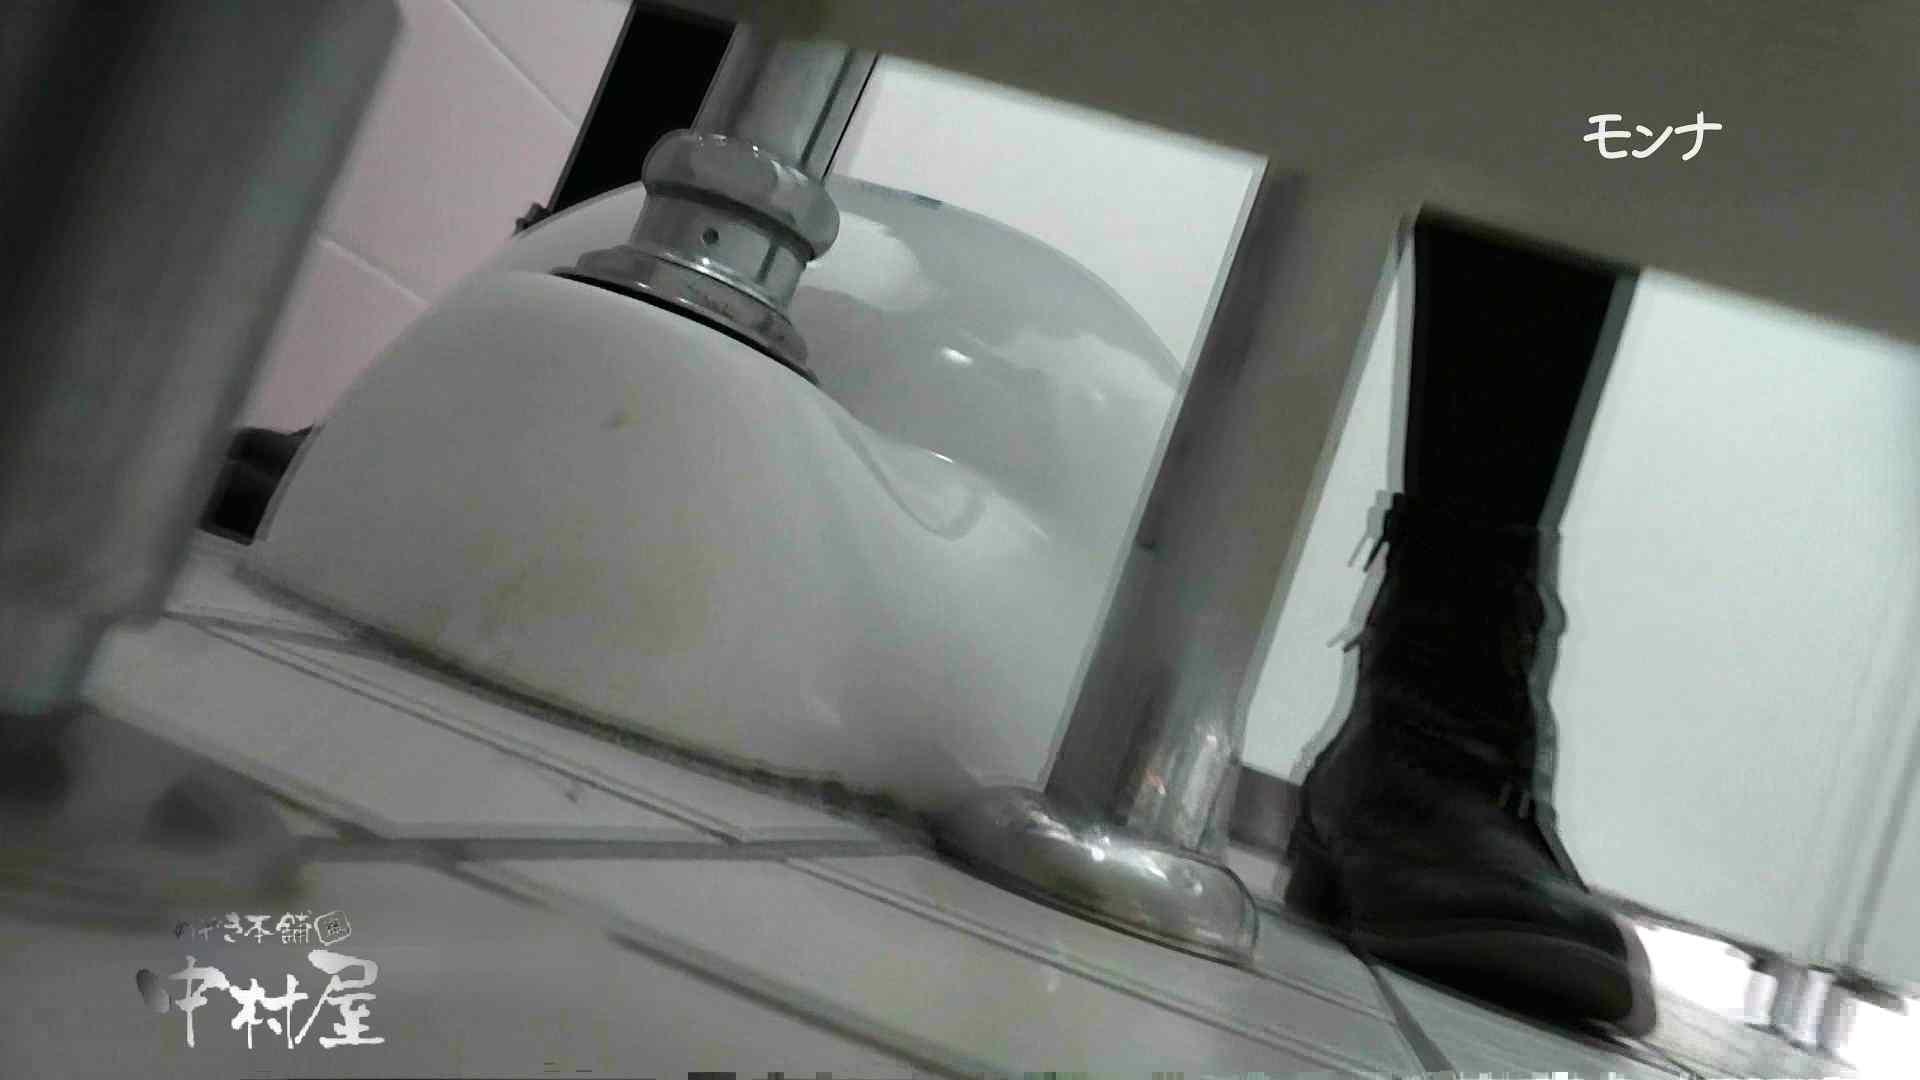 【美しい日本の未来】遂に!!戸田恵梨香似の予告モデル登場ダッシュで「大」前編 モデルのエロ生活  31連発 28